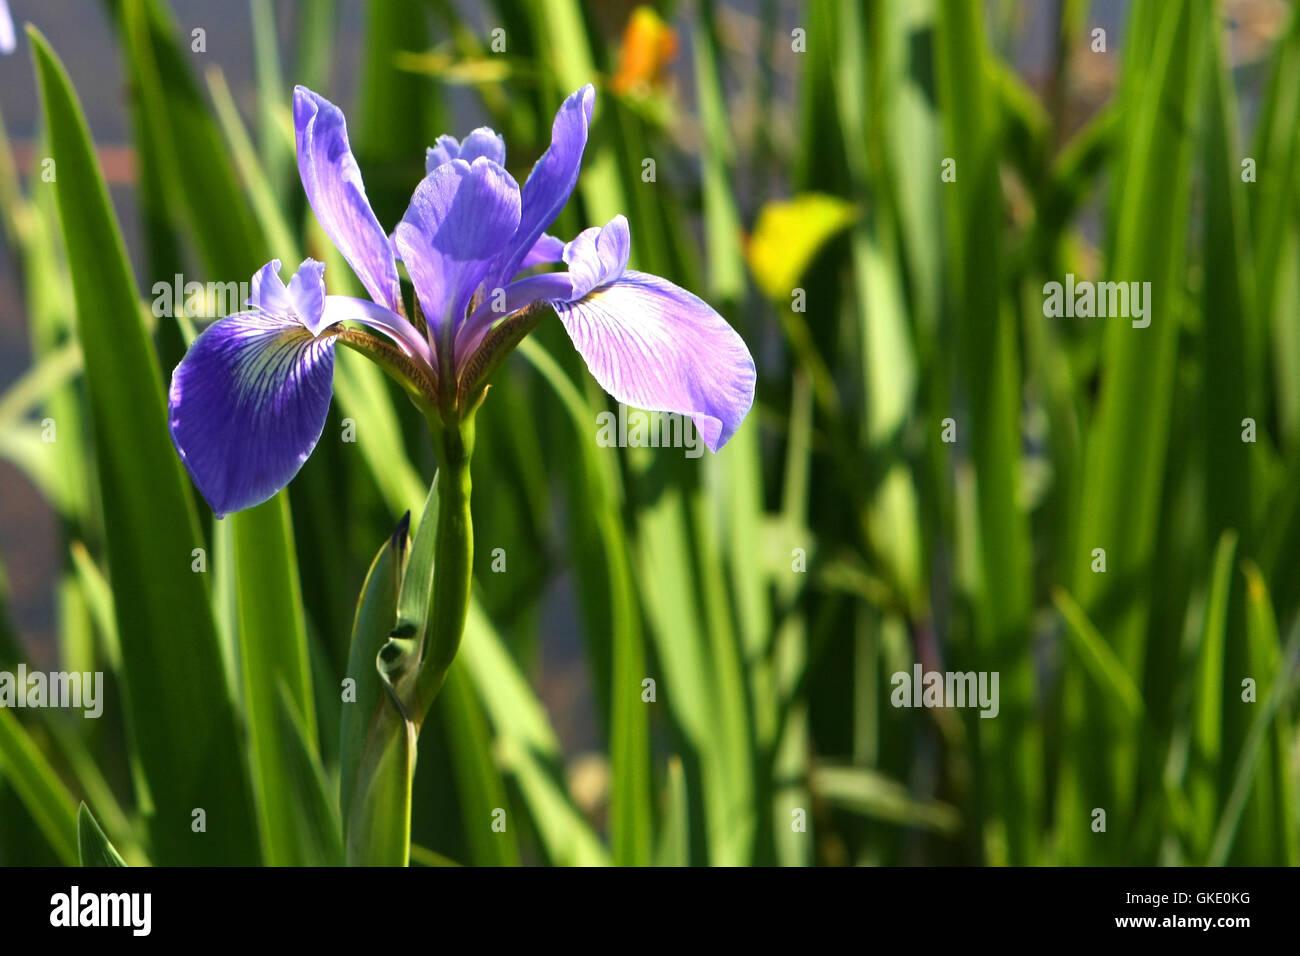 Blue flag iris stock photos blue flag iris stock images alamy blue flag iris flower stock image izmirmasajfo